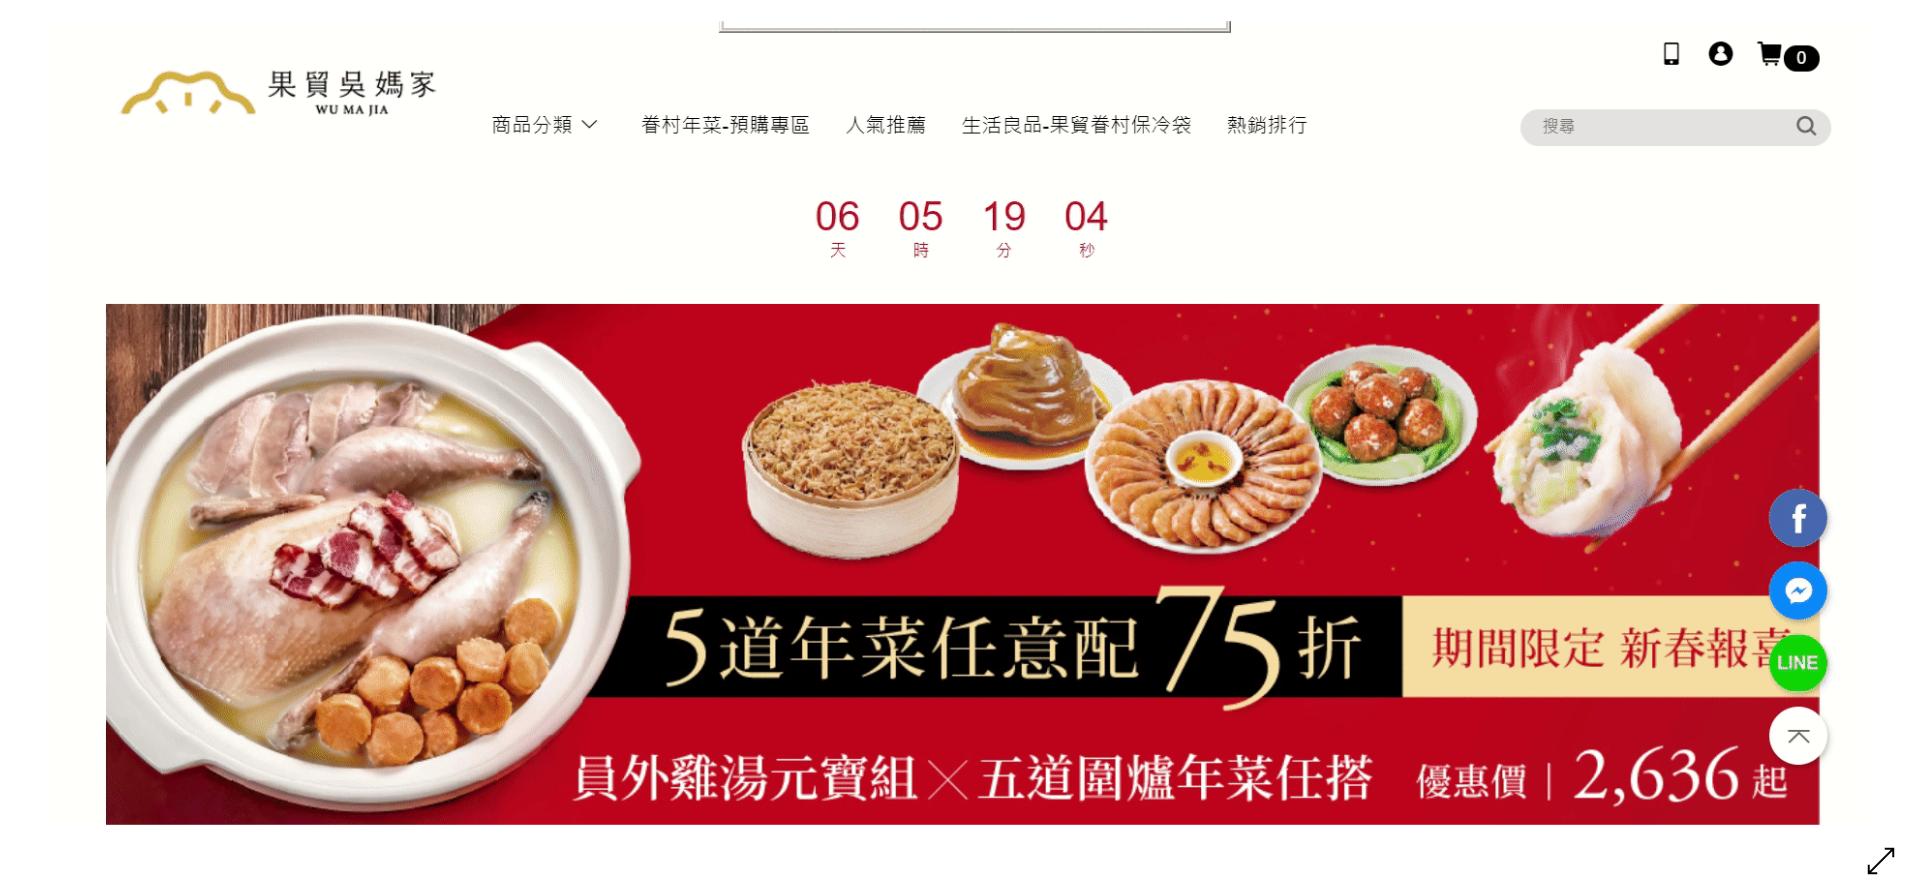 91APP 人氣店家 果貿吳媽家官網